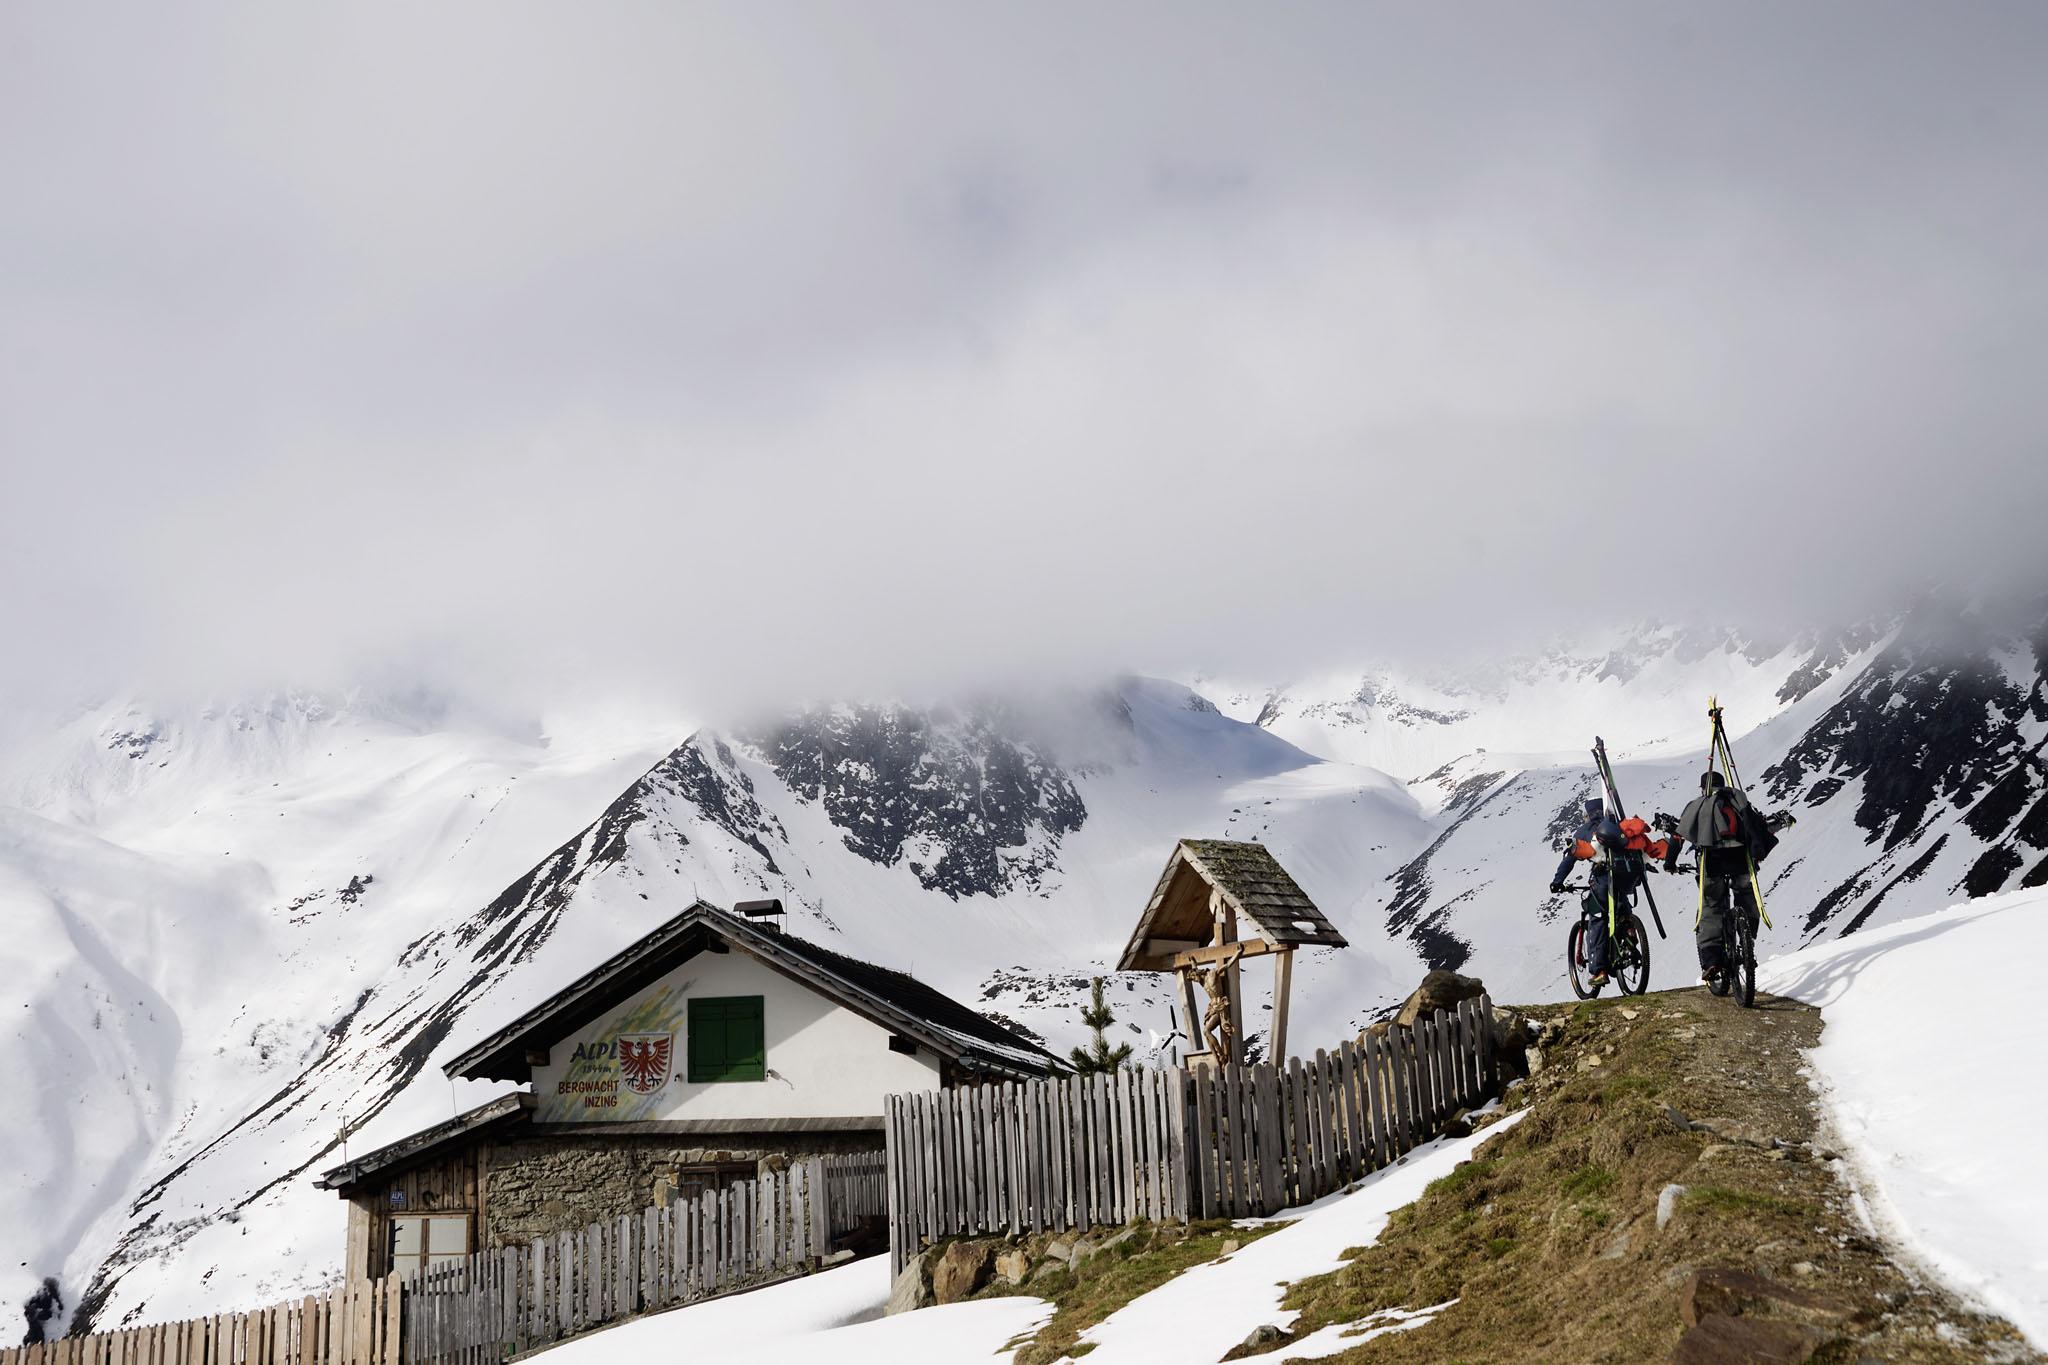 Hike & Ride - Mit dem E-Bike zum Skitouren? - Foto: Roman Lachner